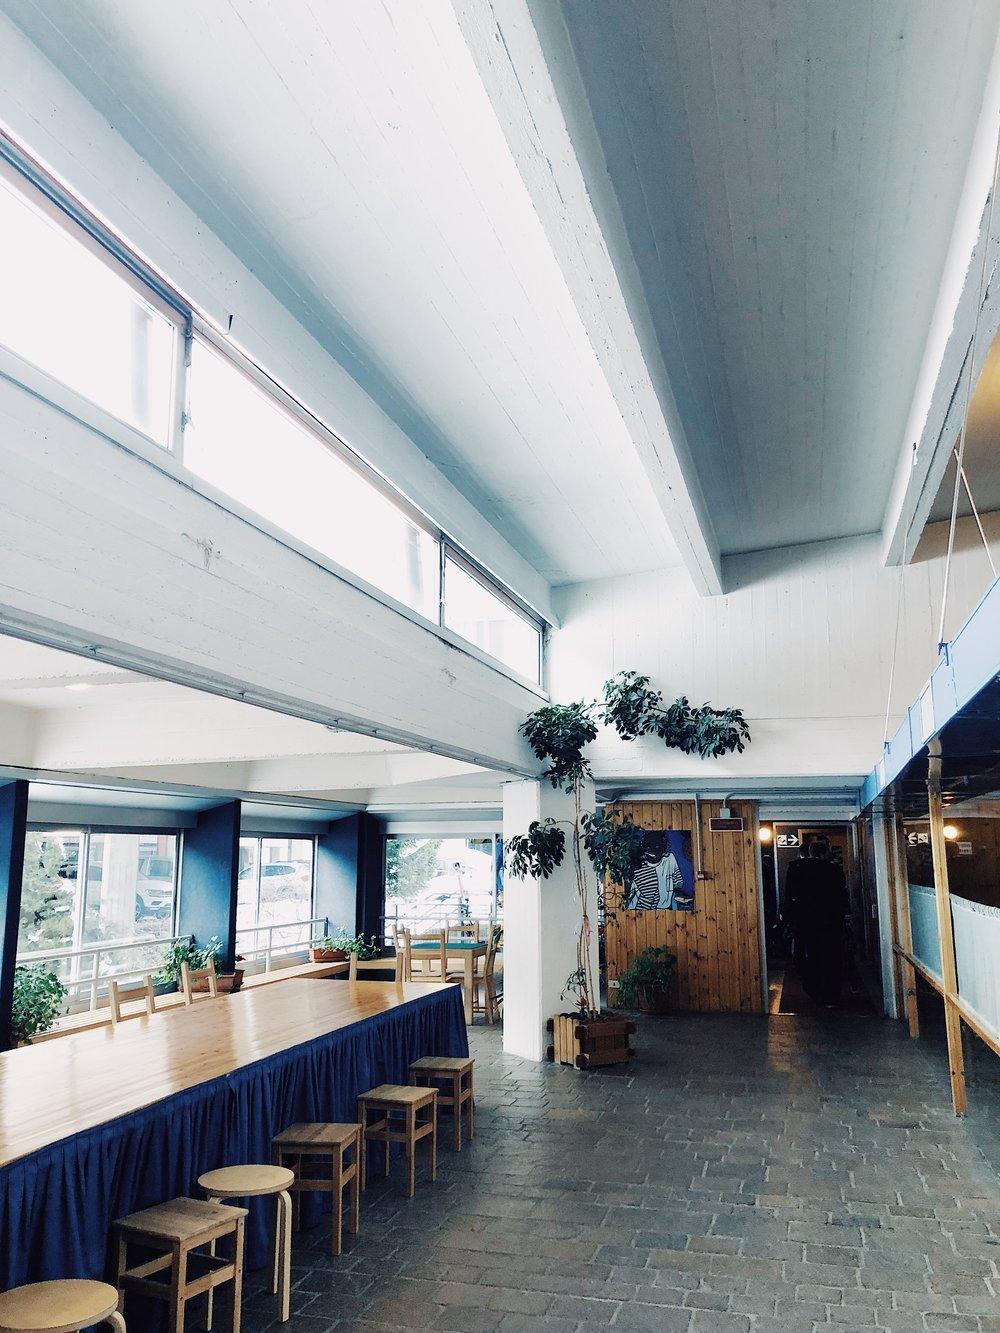 Hotelowa stołówka w Marileva 1400 <3